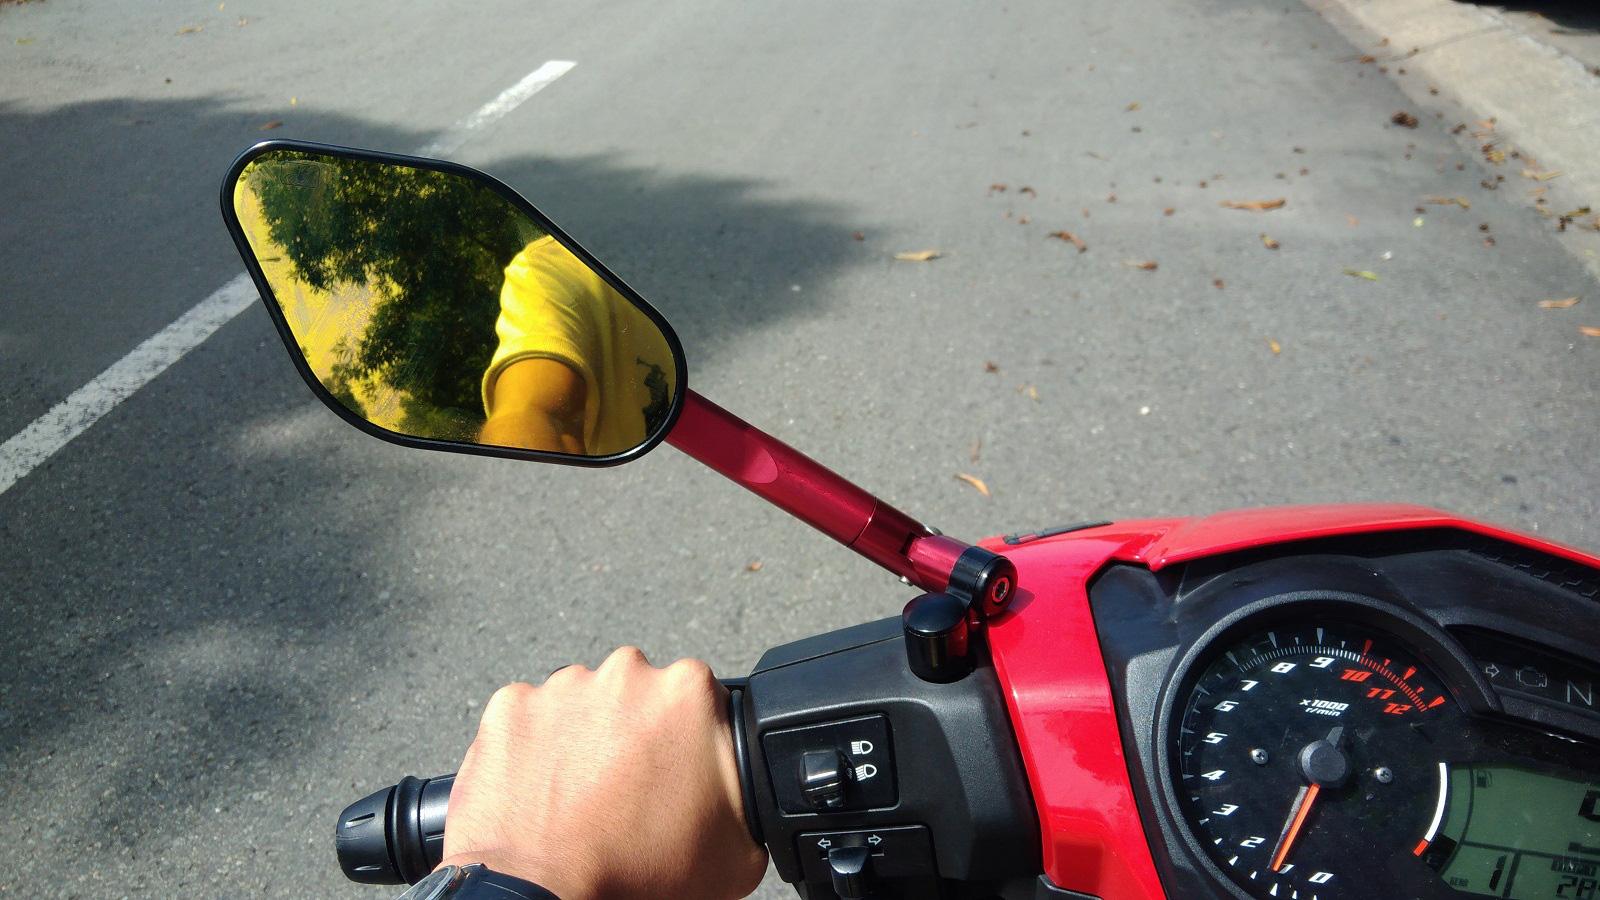 Xe máy không gương chiếu hậu bị xử phạt thế nào? - Ảnh 3.